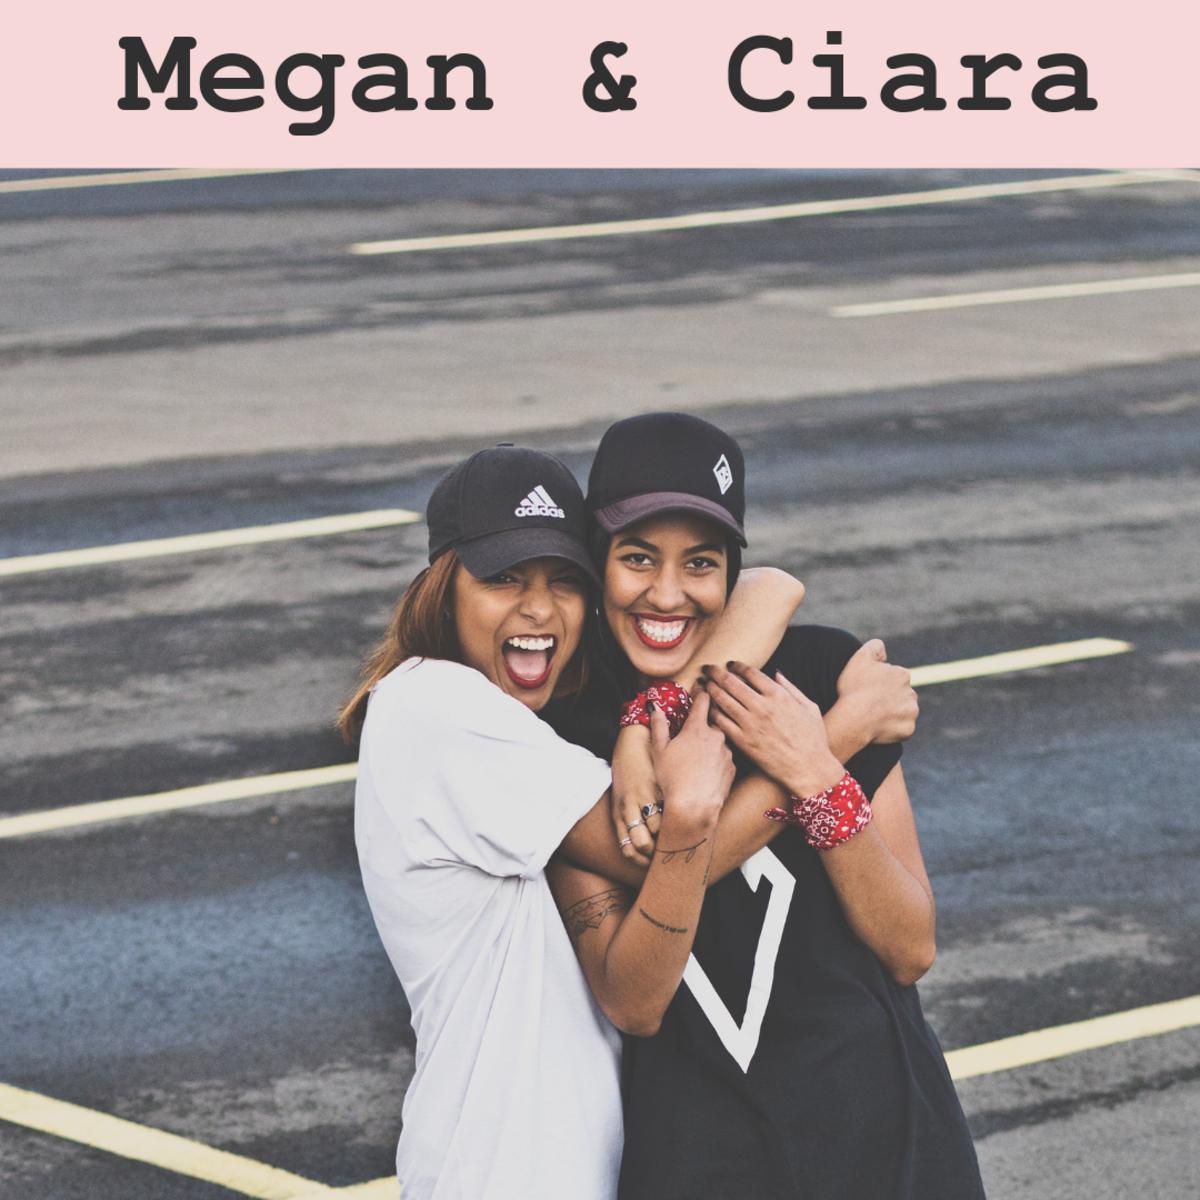 Megan and Ciara